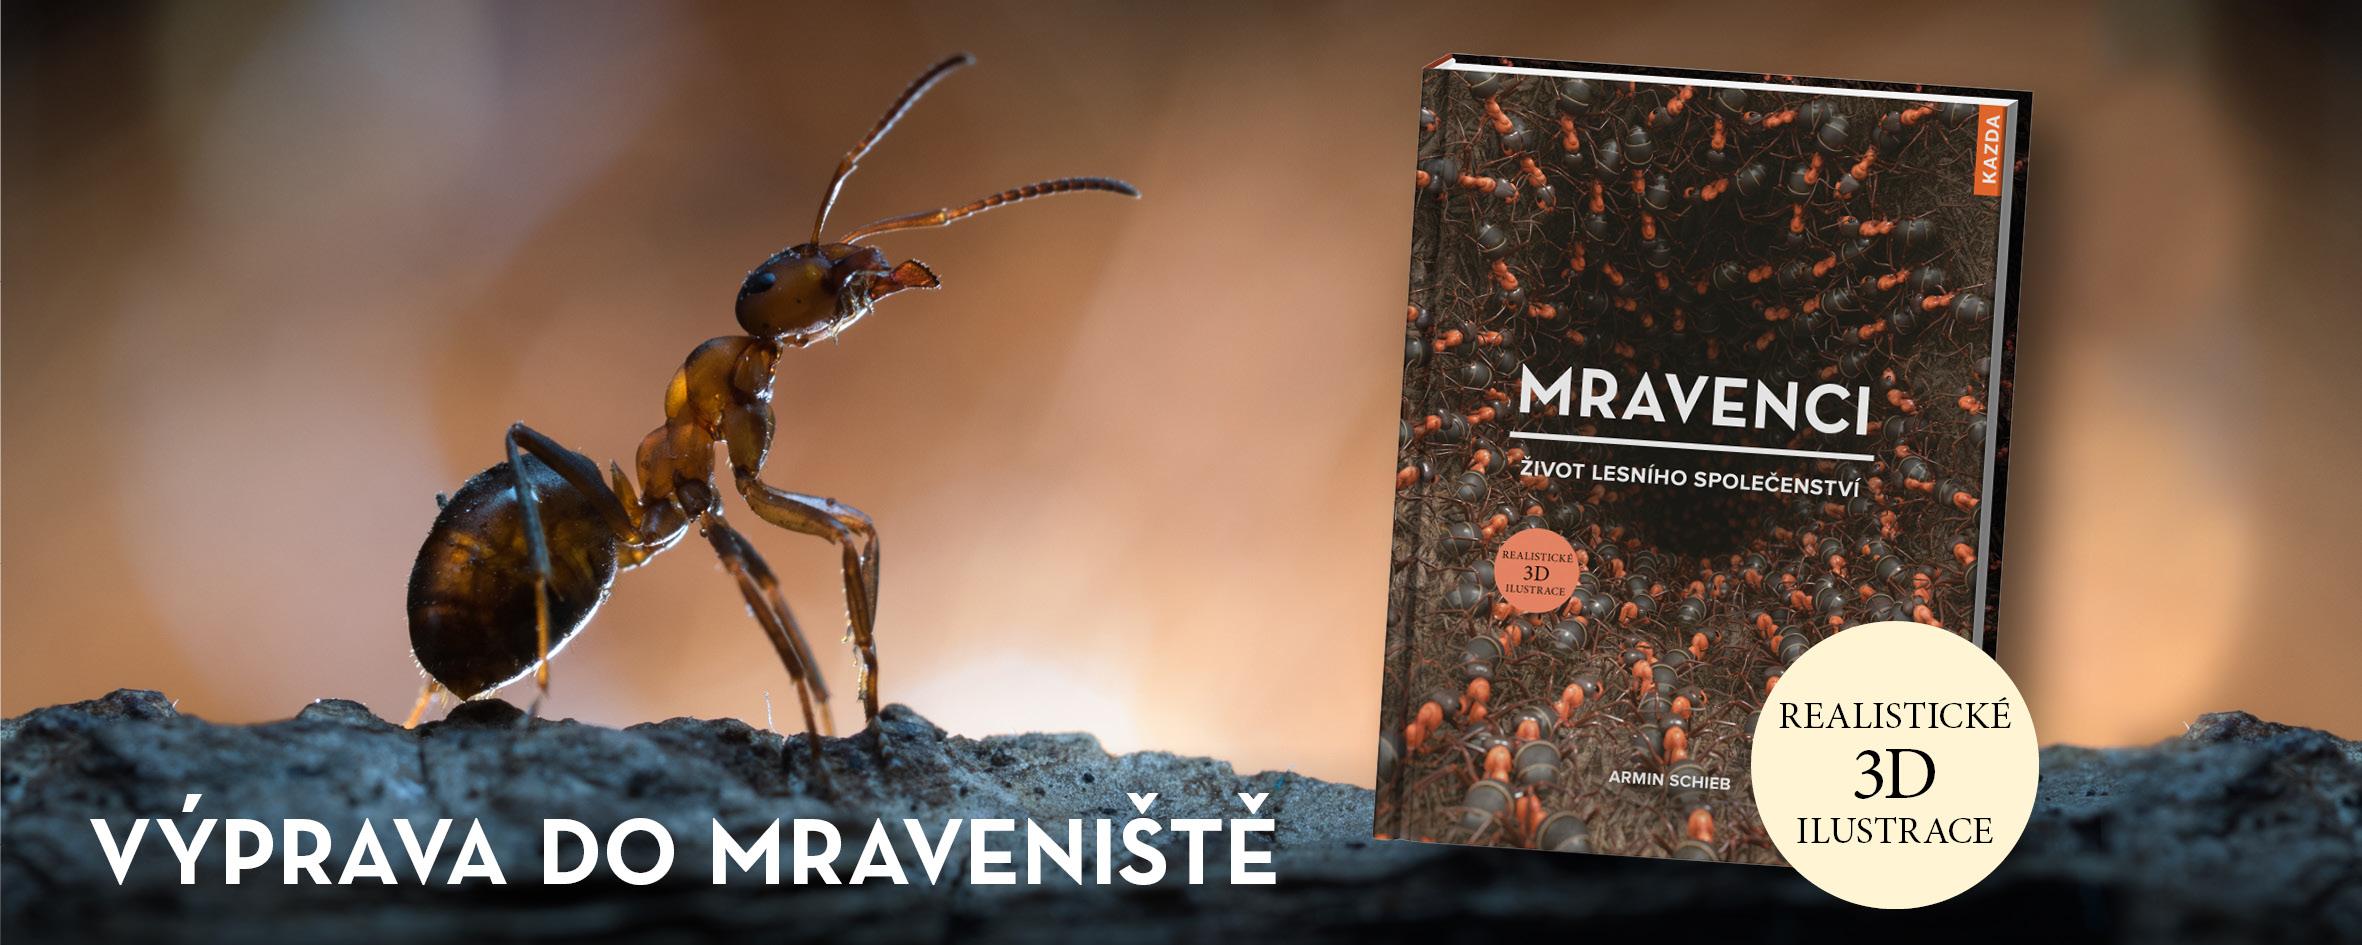 Seznamte s mravenci ve 3D světě